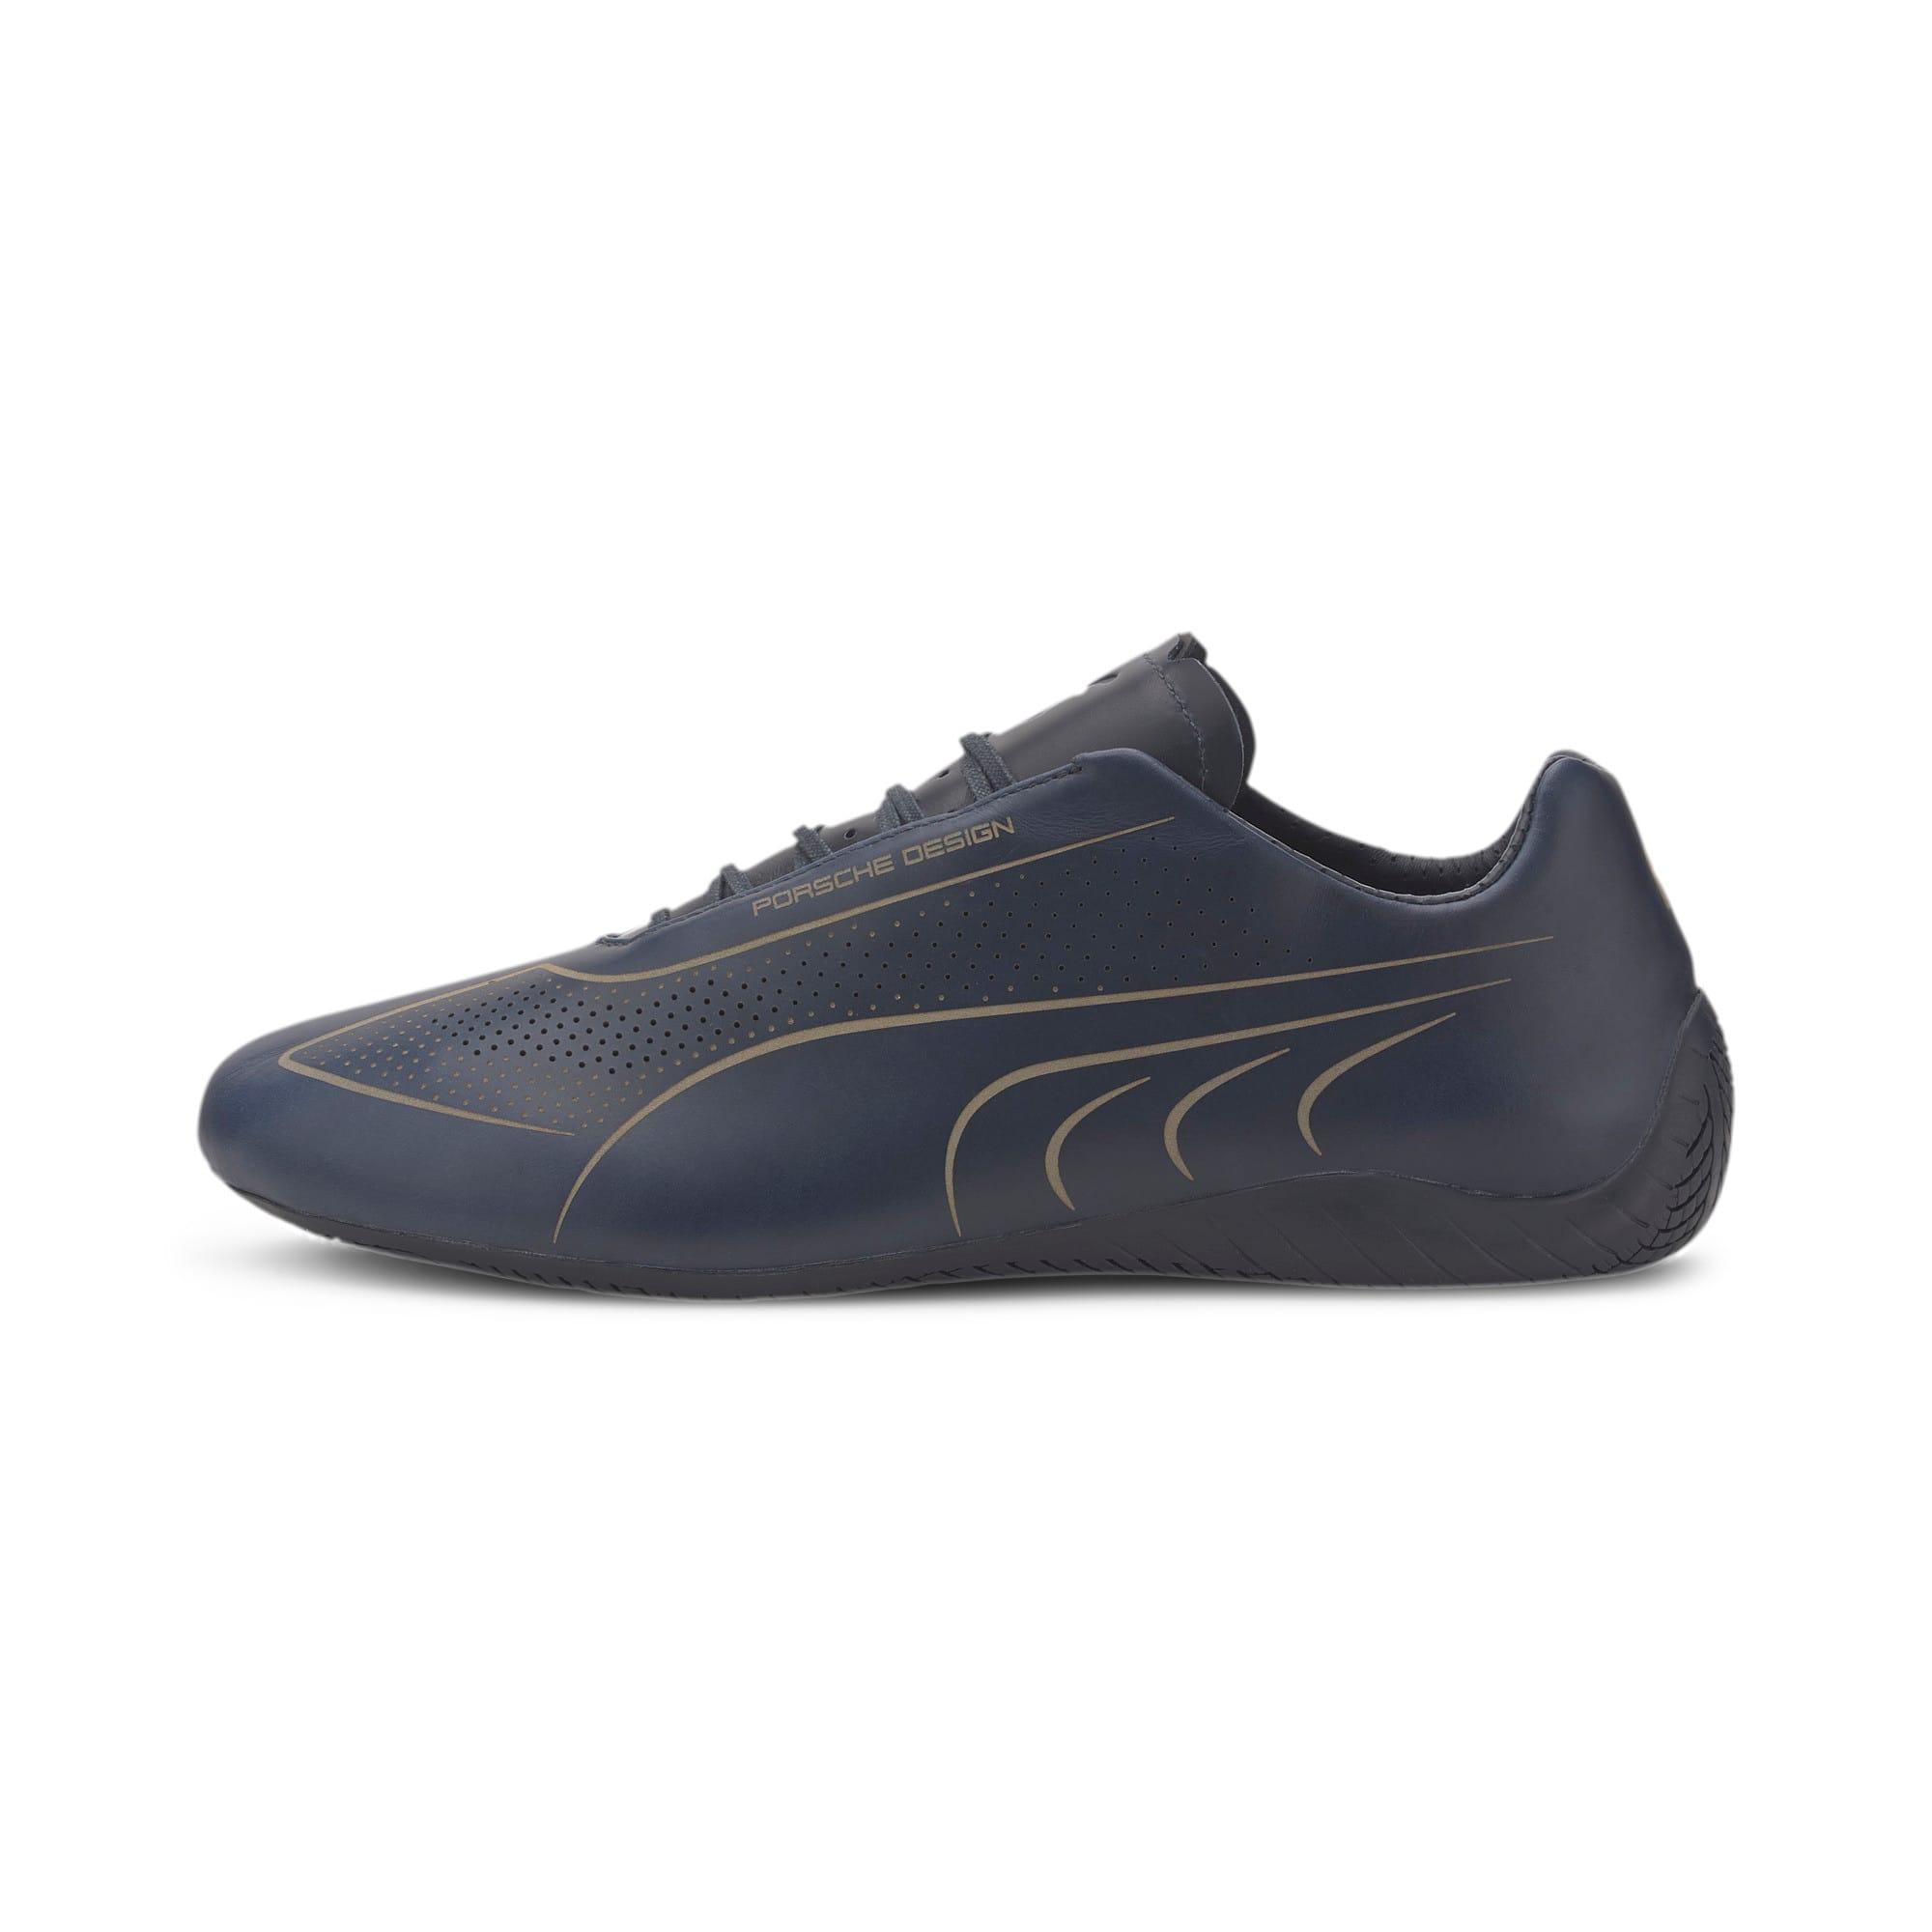 new styles 71f30 aae41 Scarpe da ginnastica Porsche Design Speedcat Lux uomo